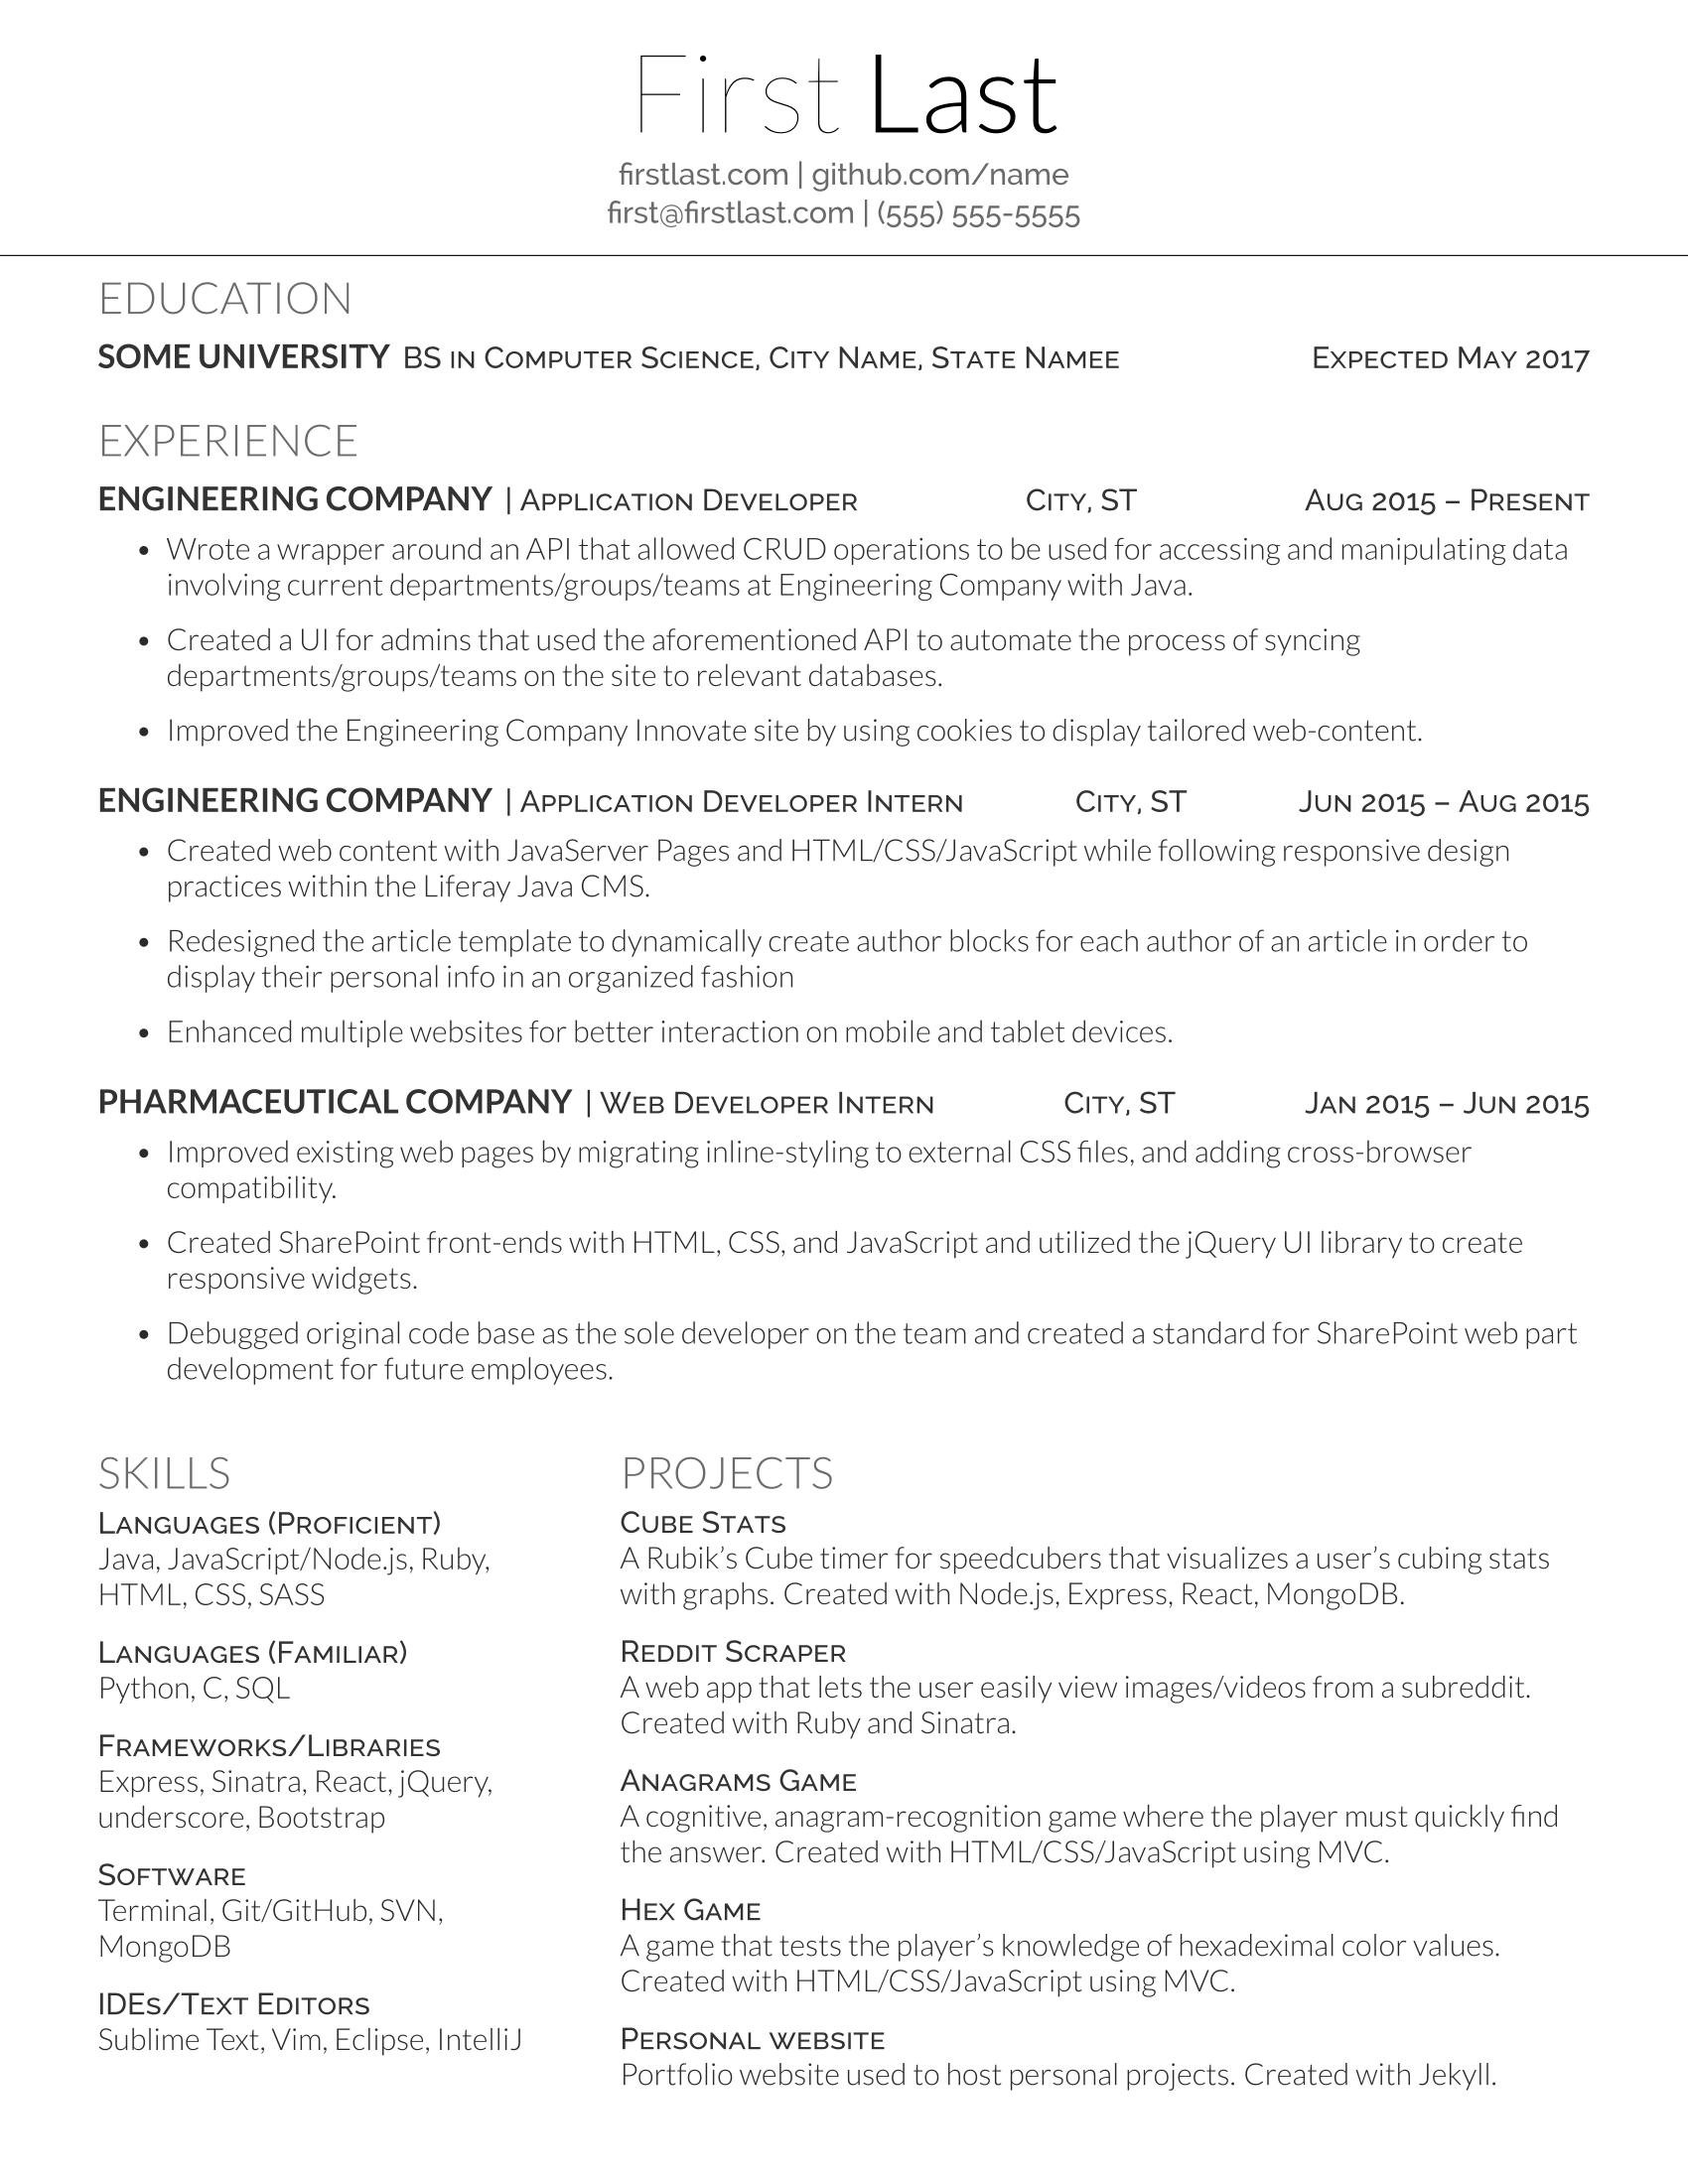 reddit resume format - Ataum berglauf-verband com